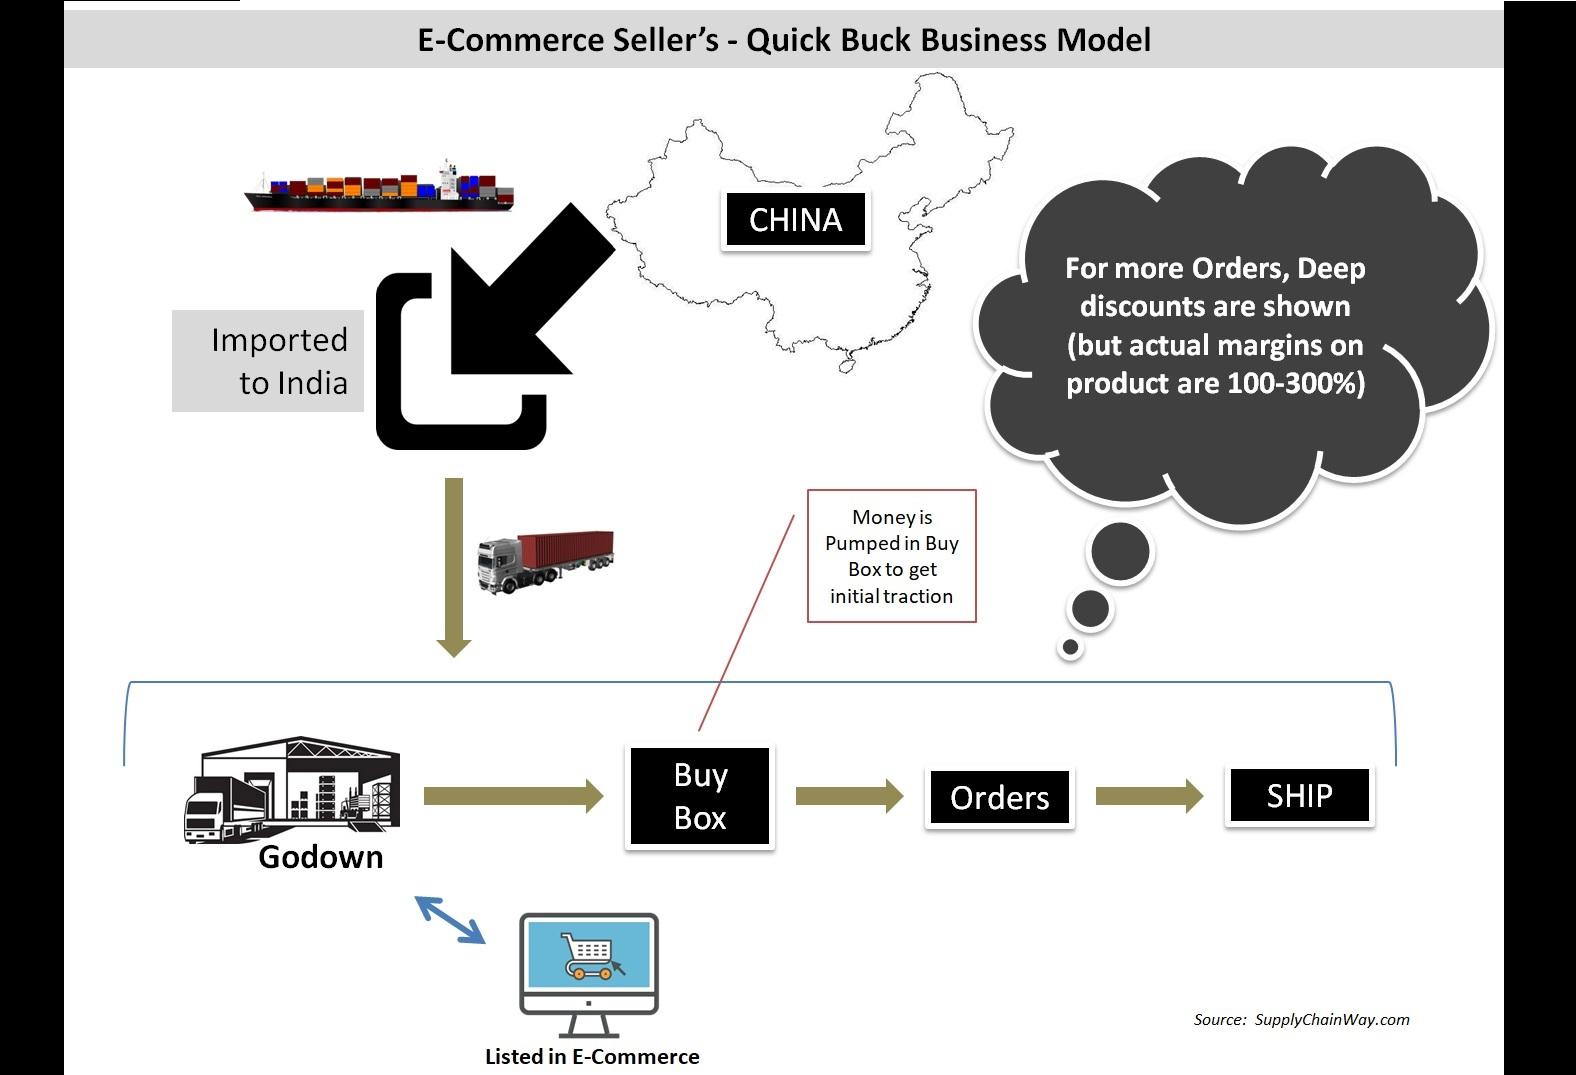 E-commerce Business Model for Online Retailer